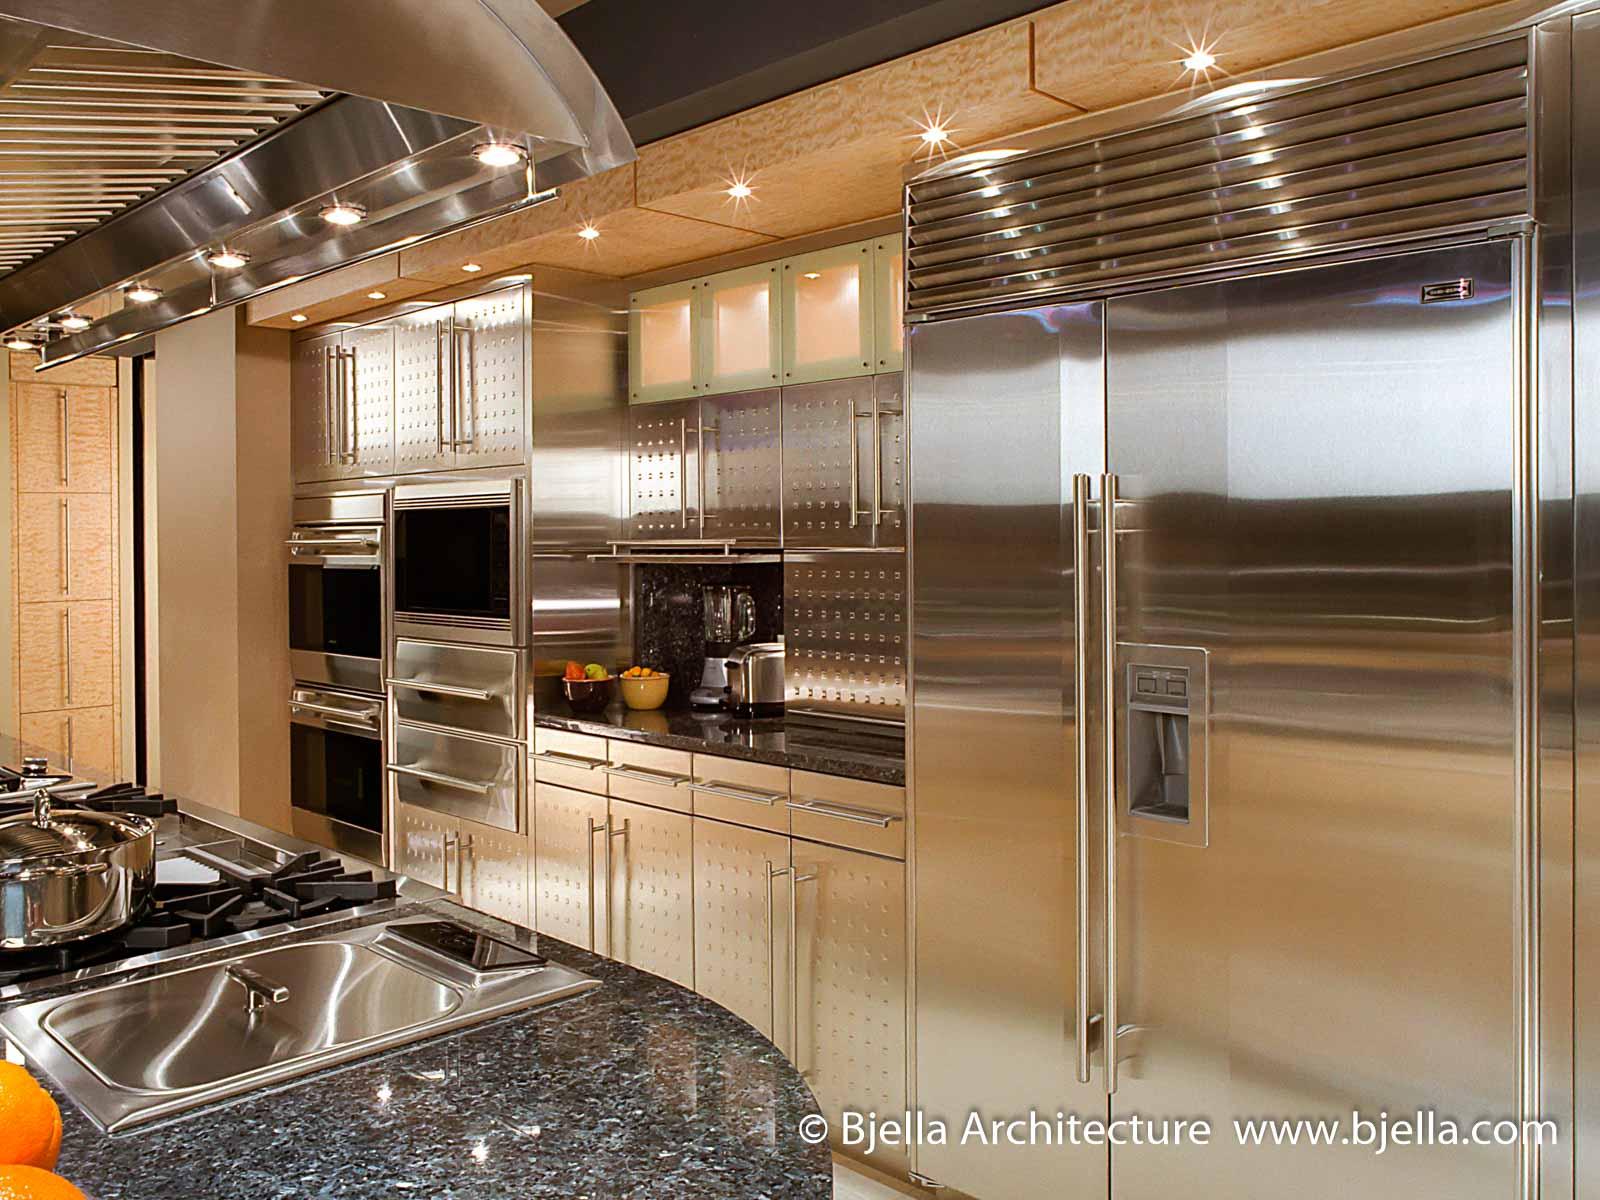 Bjella Architecture   Modern Kitchen Design 6